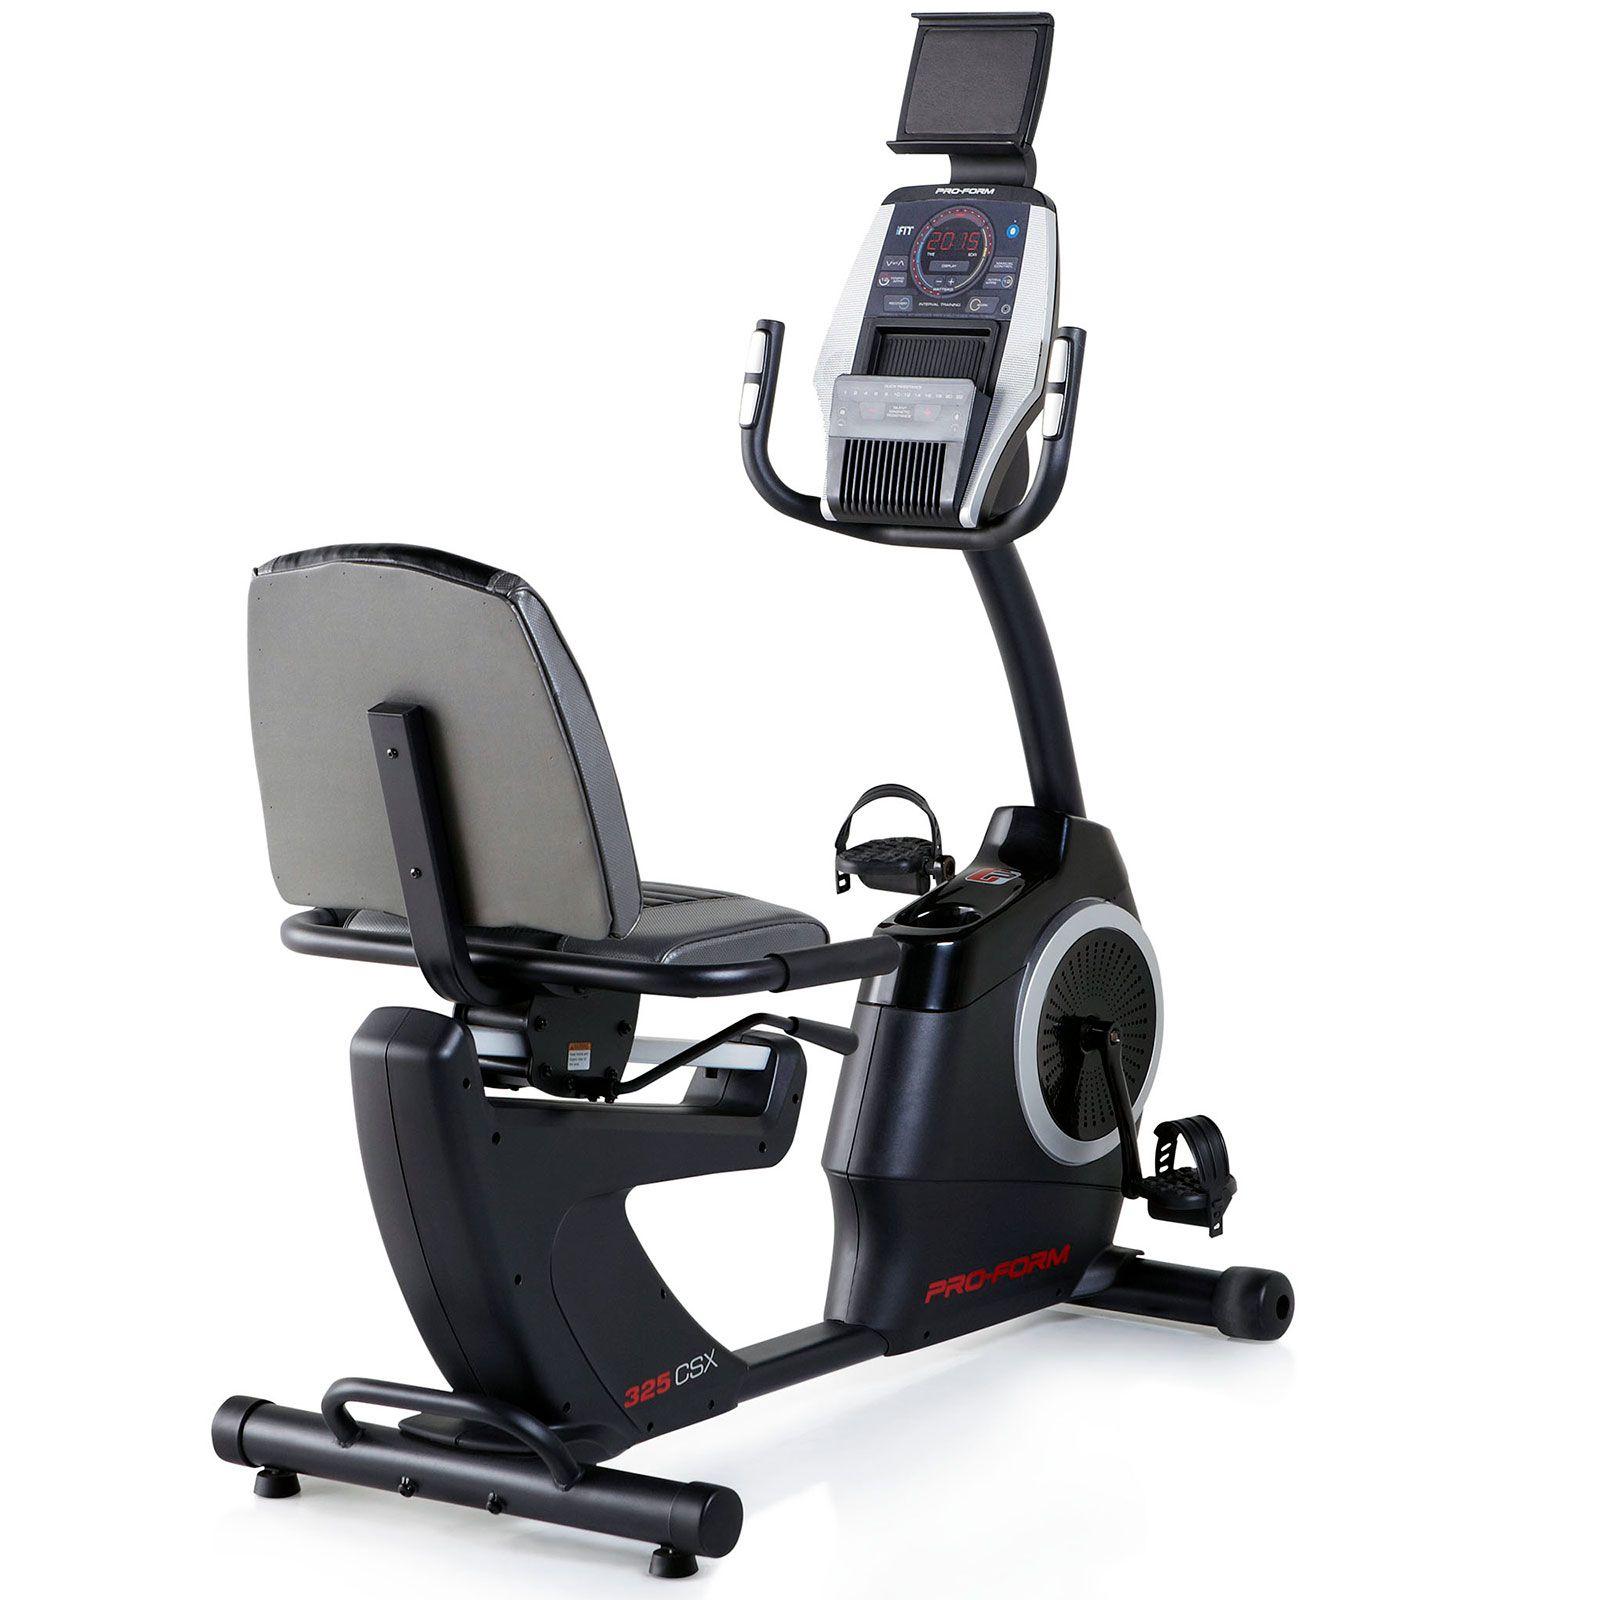 Proform 325 Csx Recumbent Exercise Bike